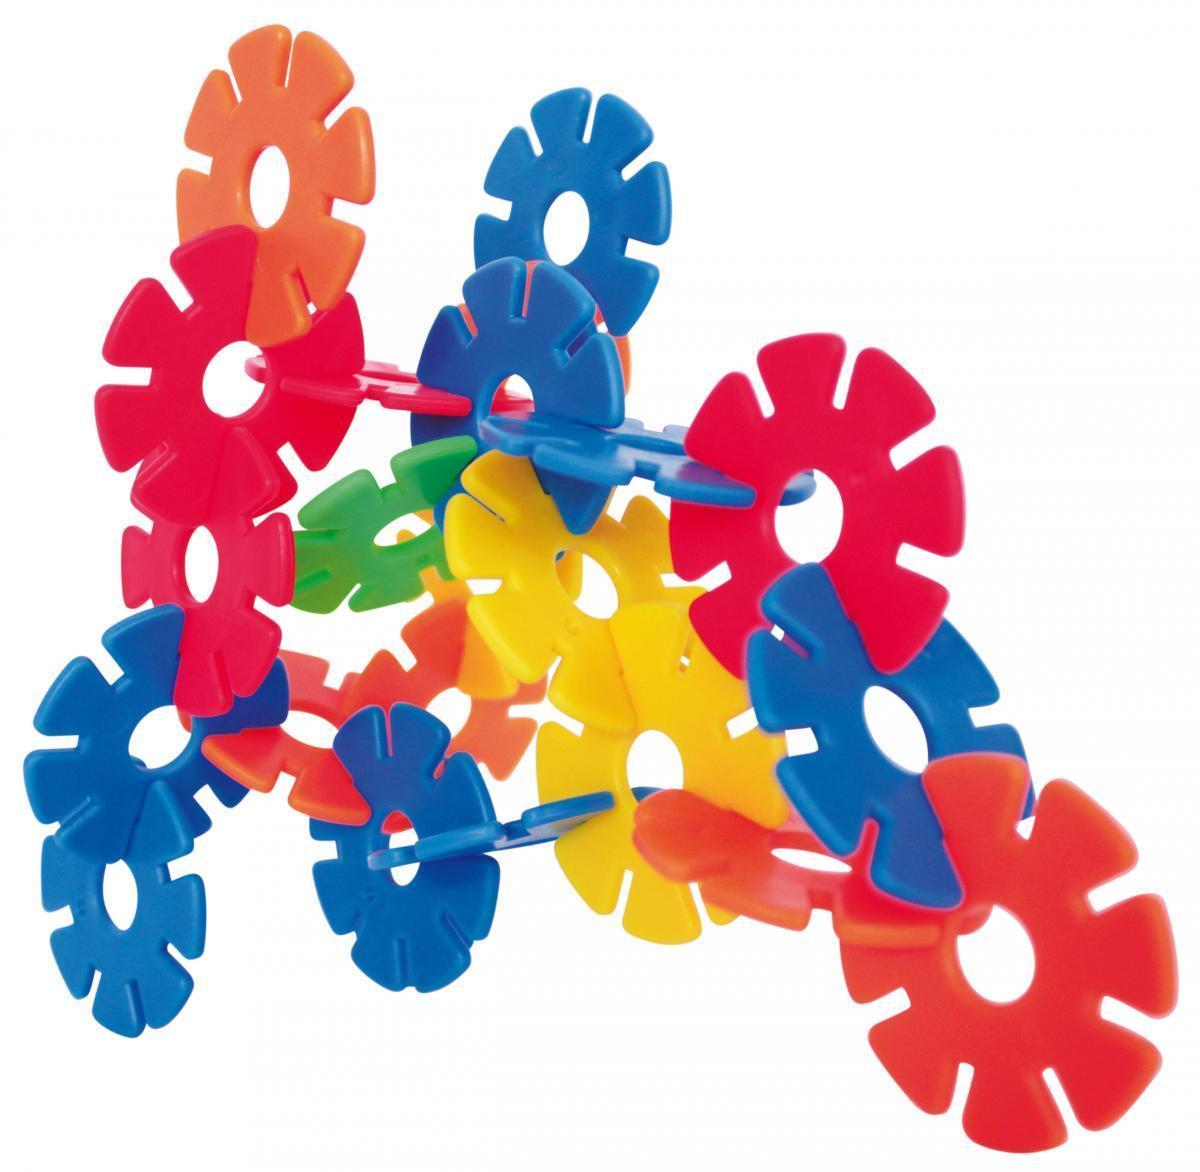 Bild 2 von Coemo Steckblumen Stecksteine im tragbaren Eimer 400 Teile